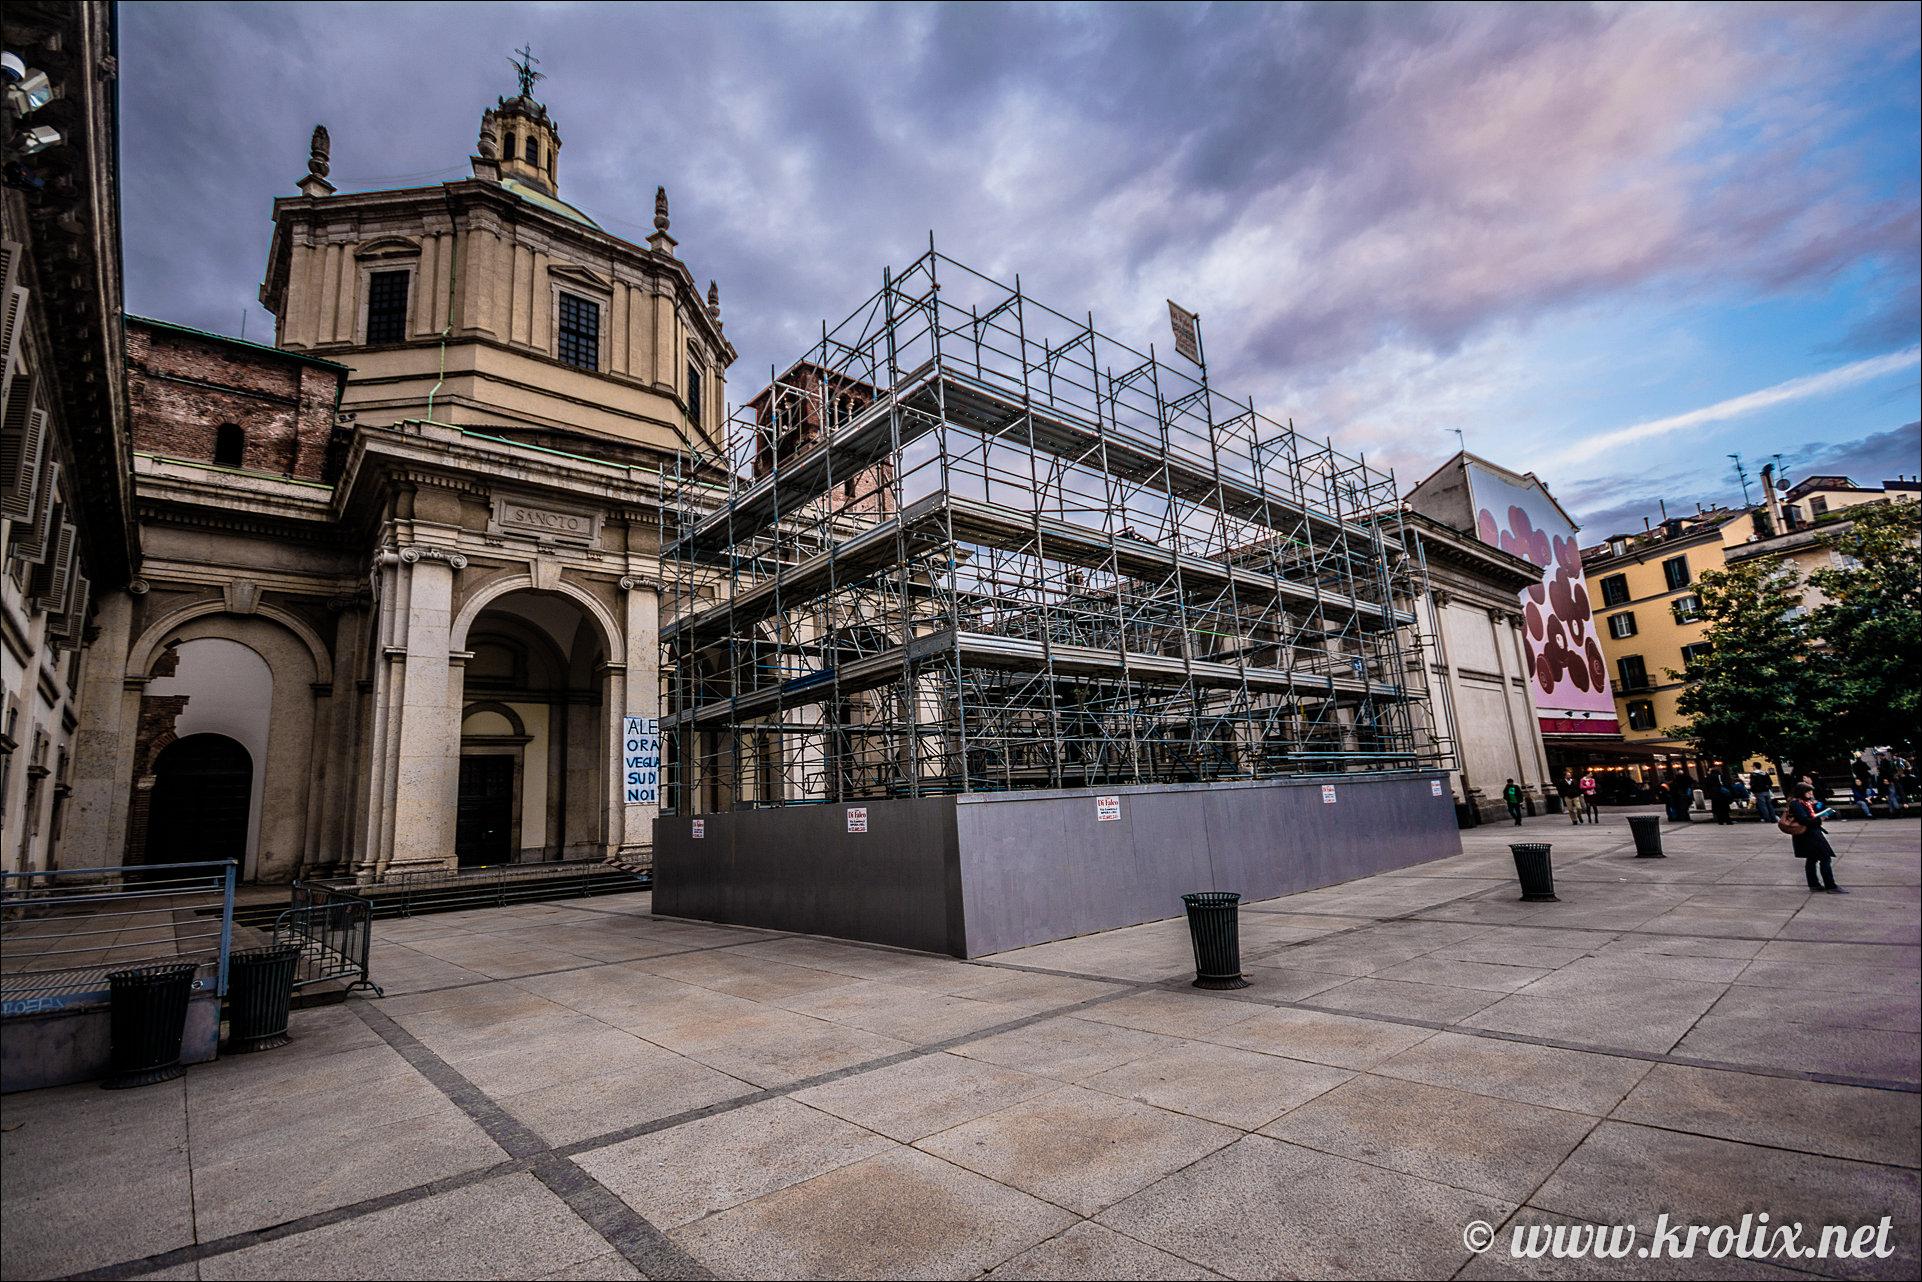 1. В Милане есть вот такие места. Здесь металлоконструкции стоят на фоне церквей...